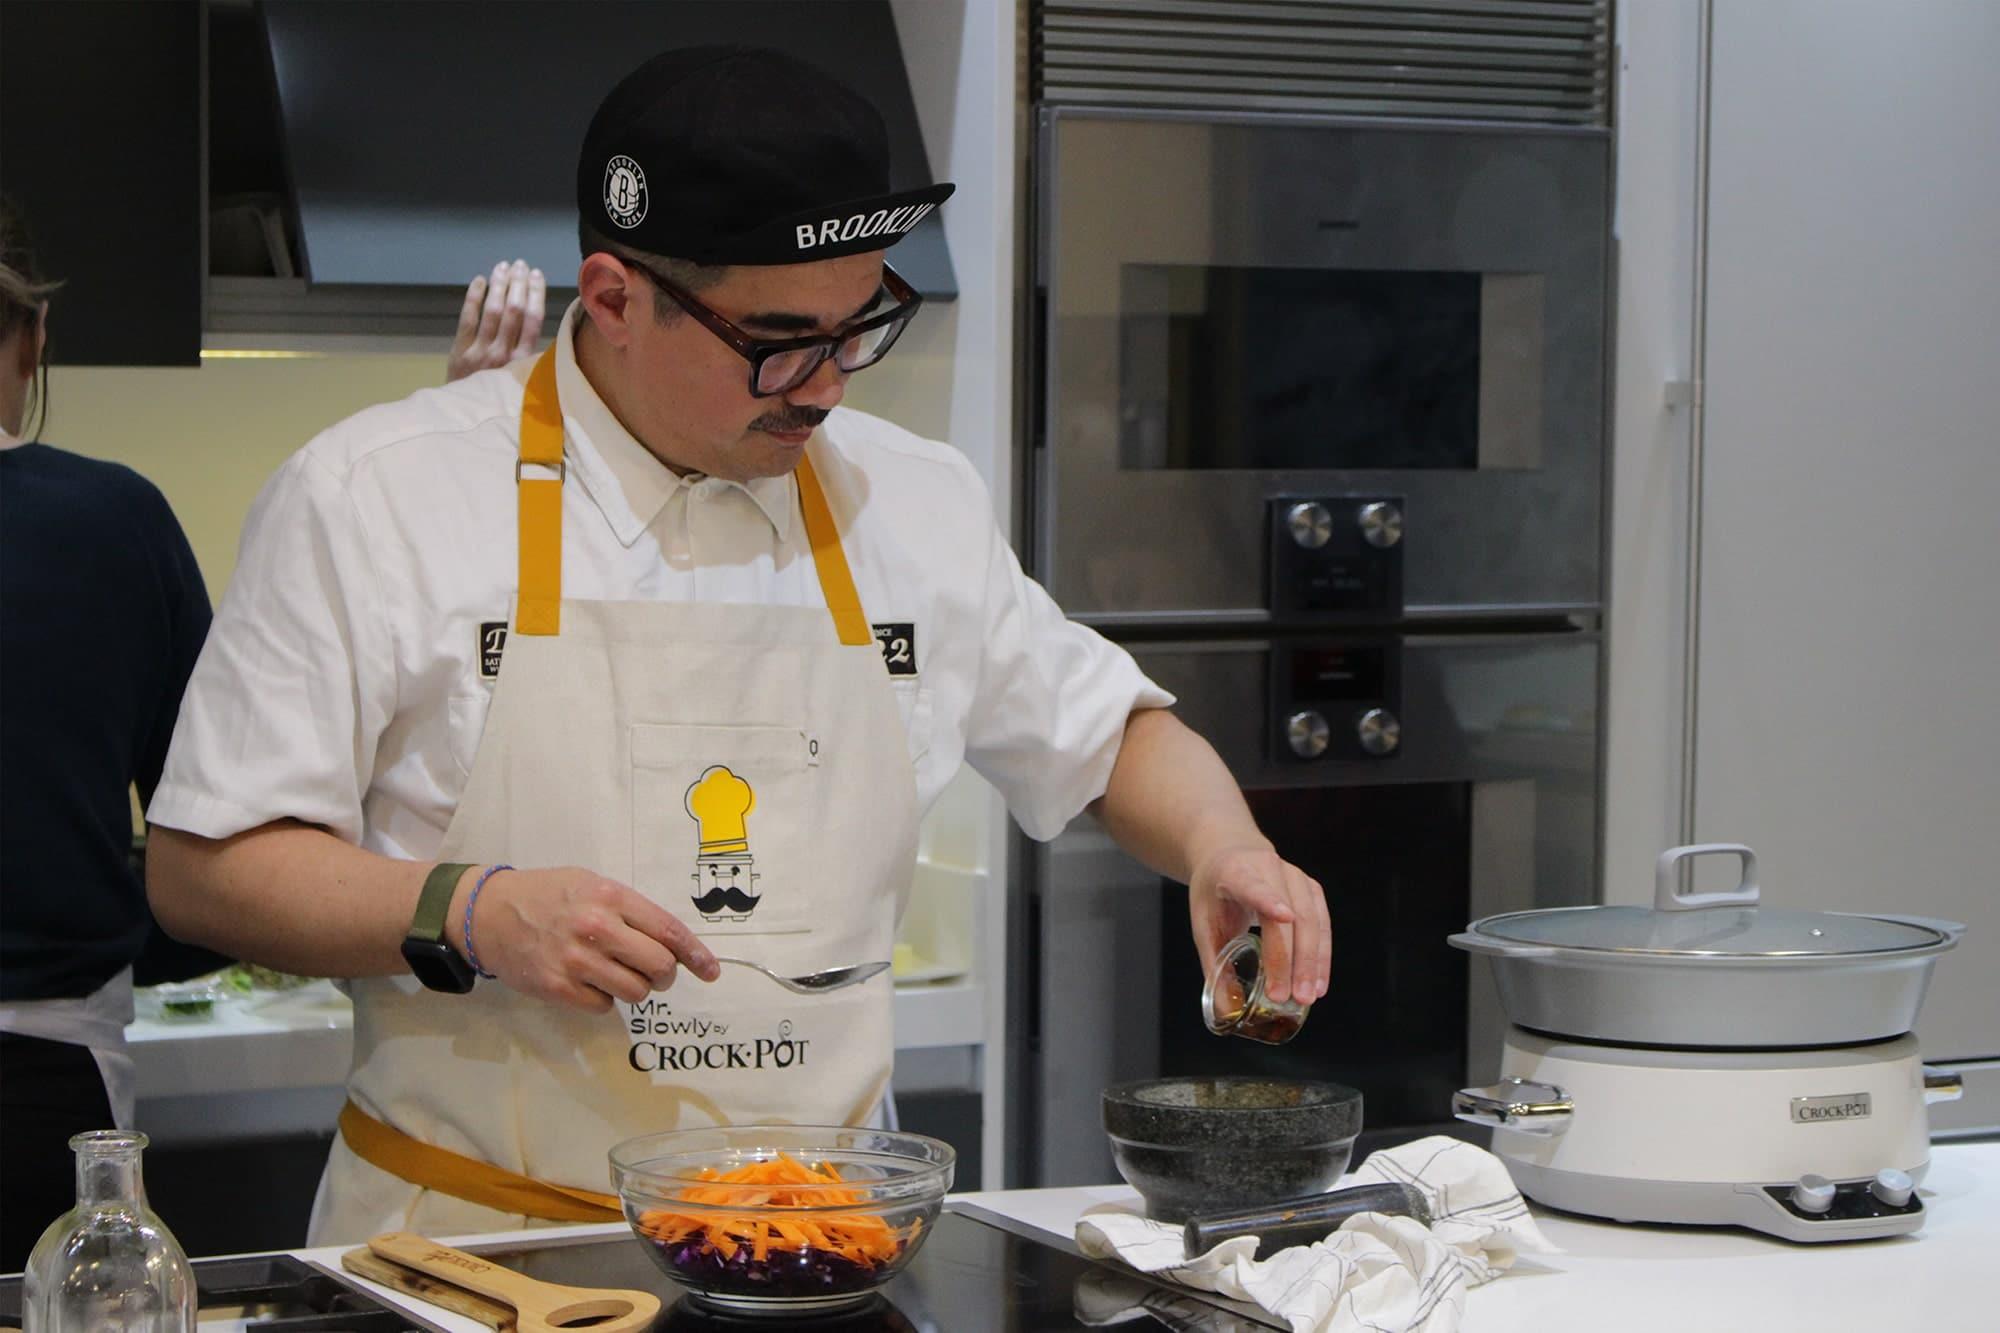 Crock-Pot School_cocinero